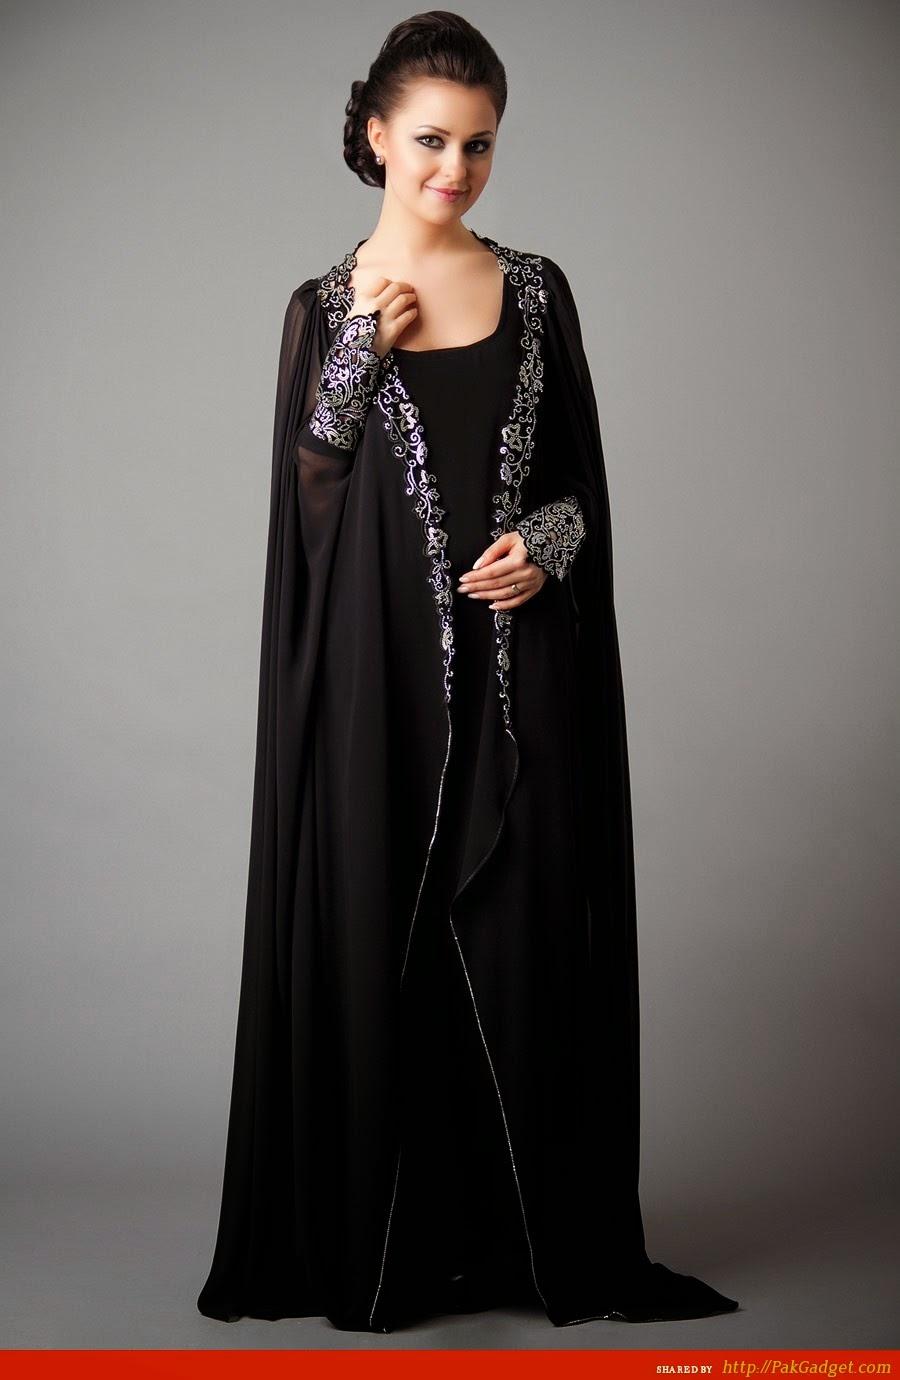 Jilbabs and Abayas